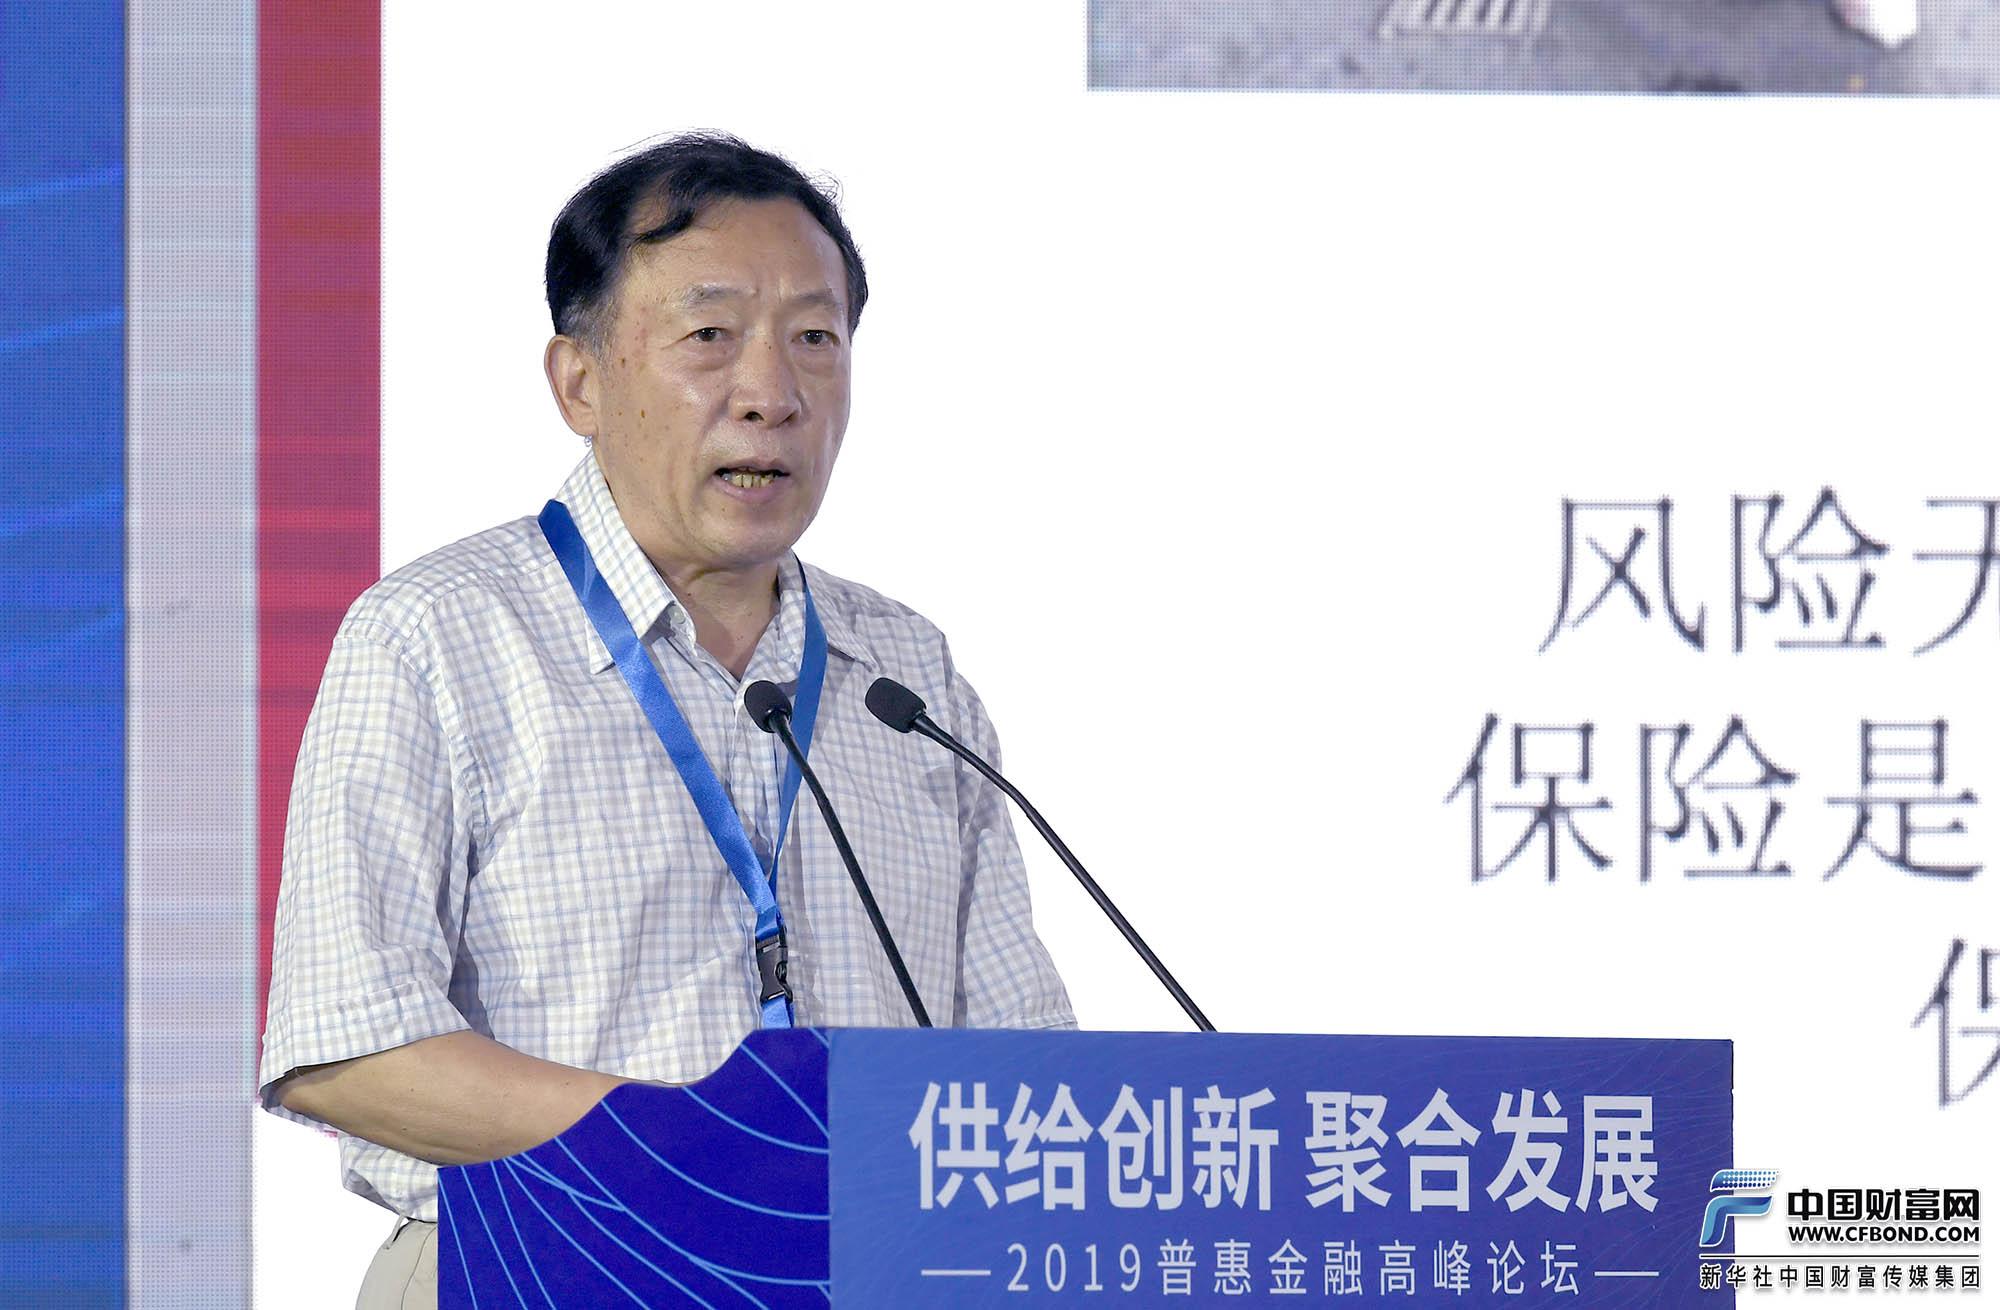 演讲嘉宾:原中国保险监督管理委员会副主席魏迎宁